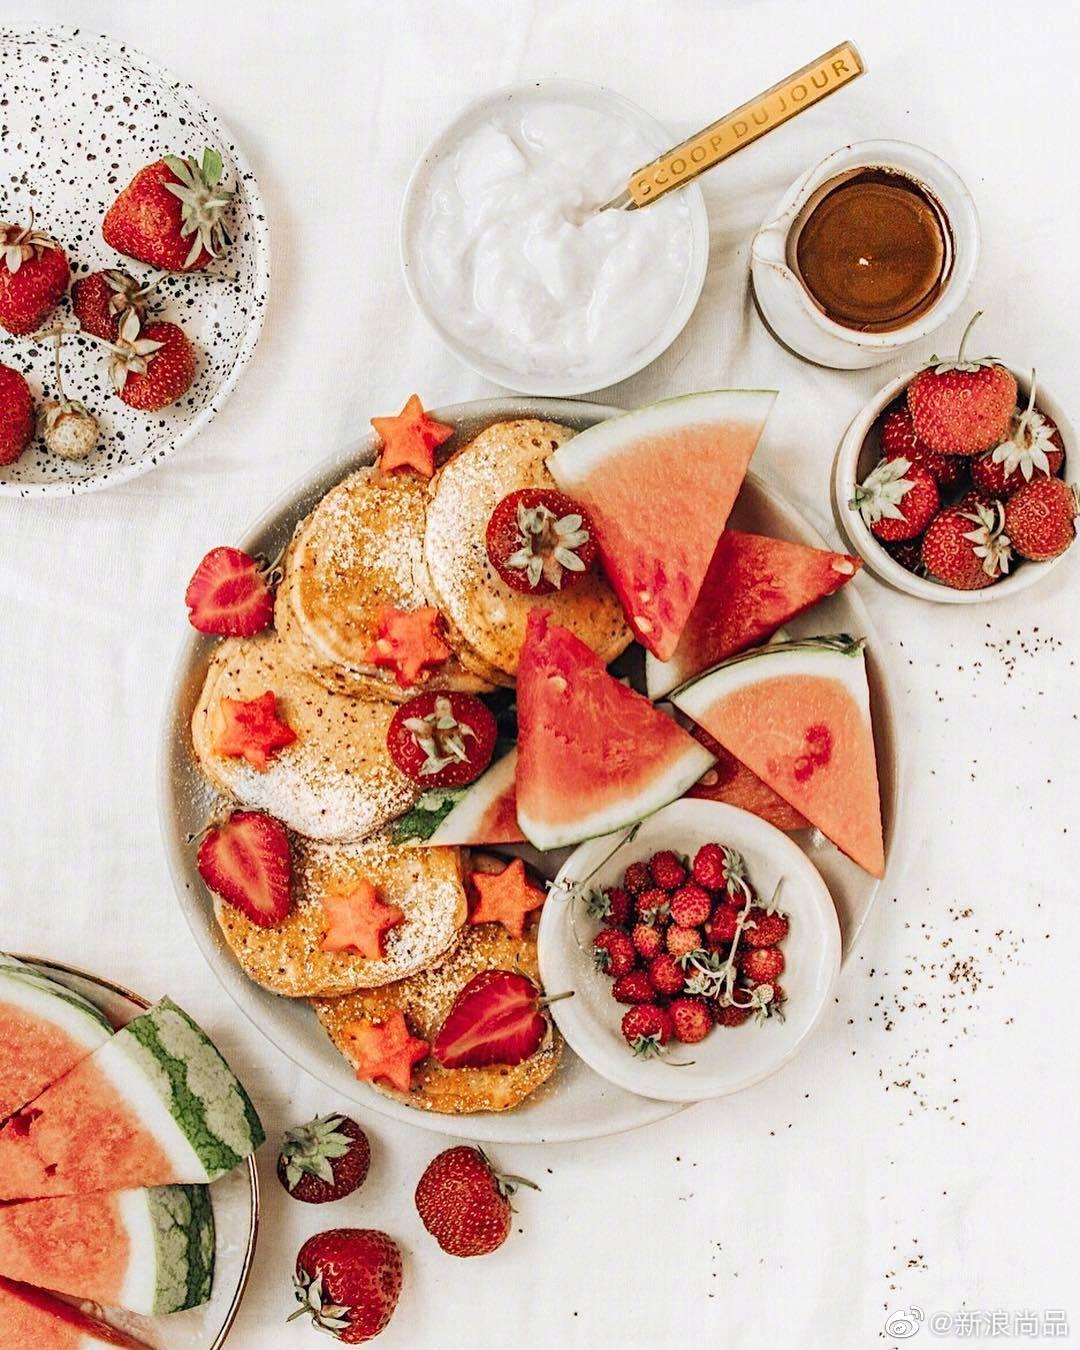 今早吃份甜甜的早餐吧。早安~